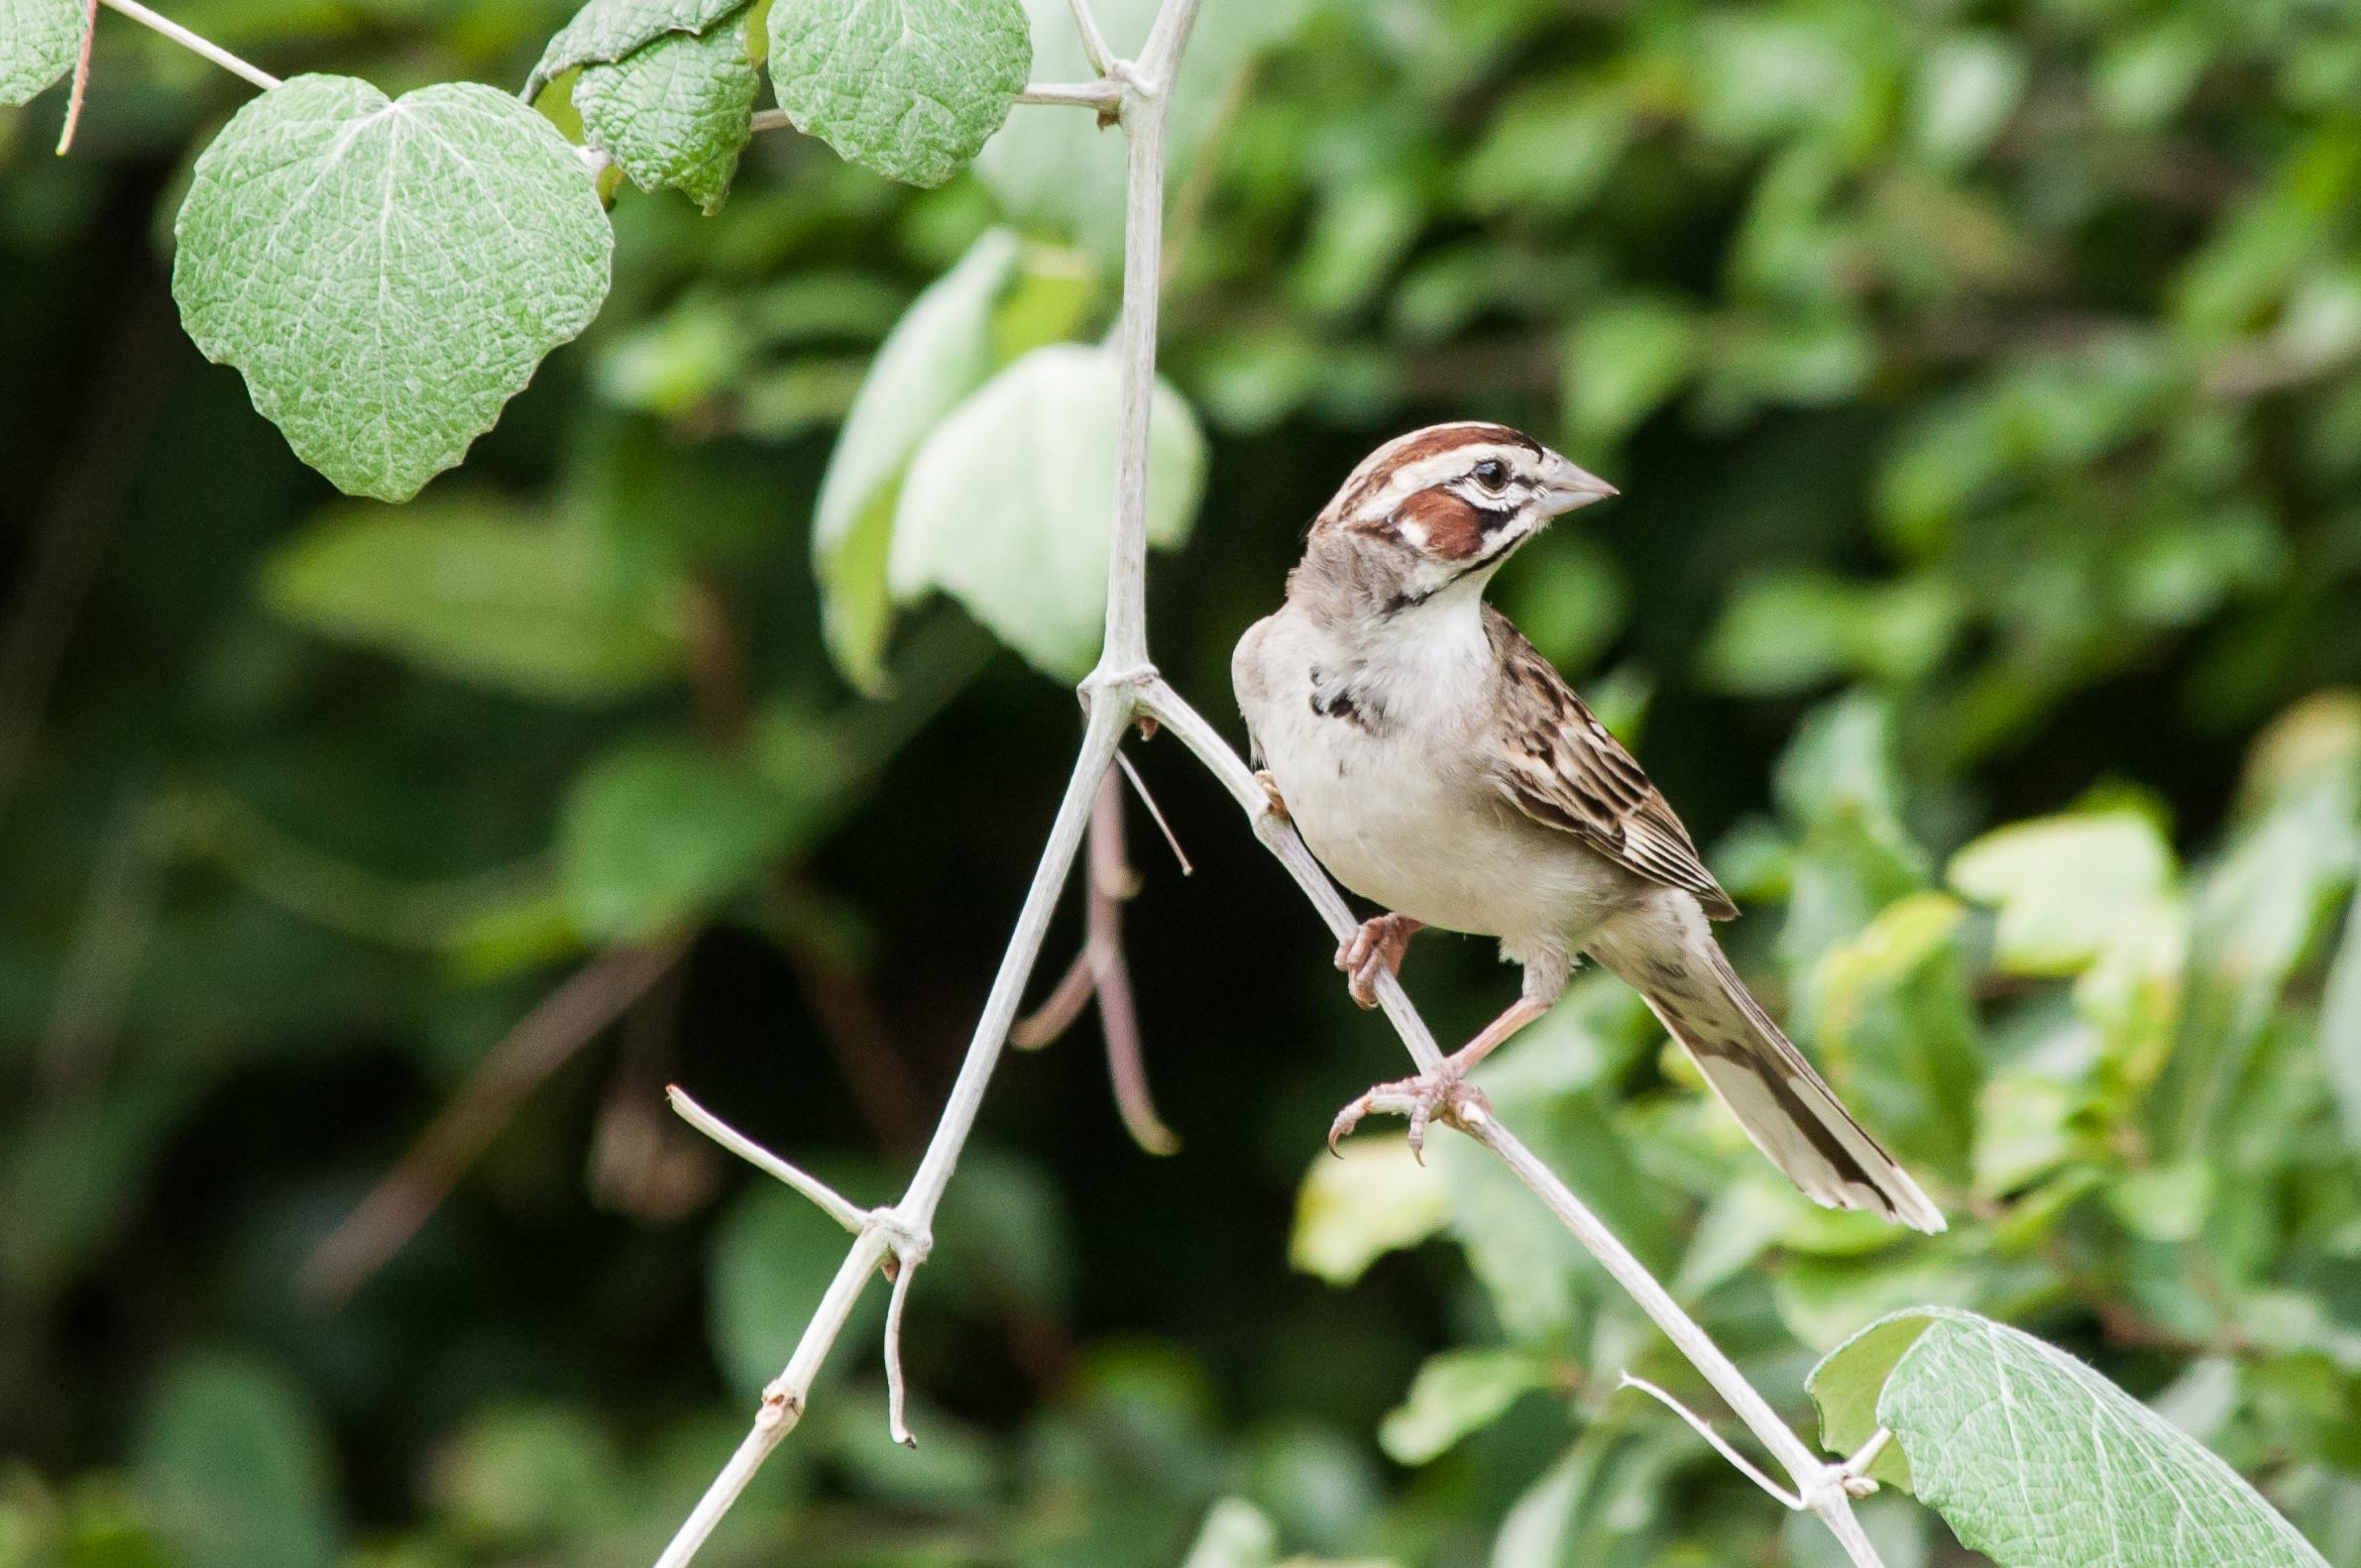 Species: Lark Sparrow Photo Credit: Alyssia Church Date: June 2017 Location: Warbler Woods Bird Sanctuary